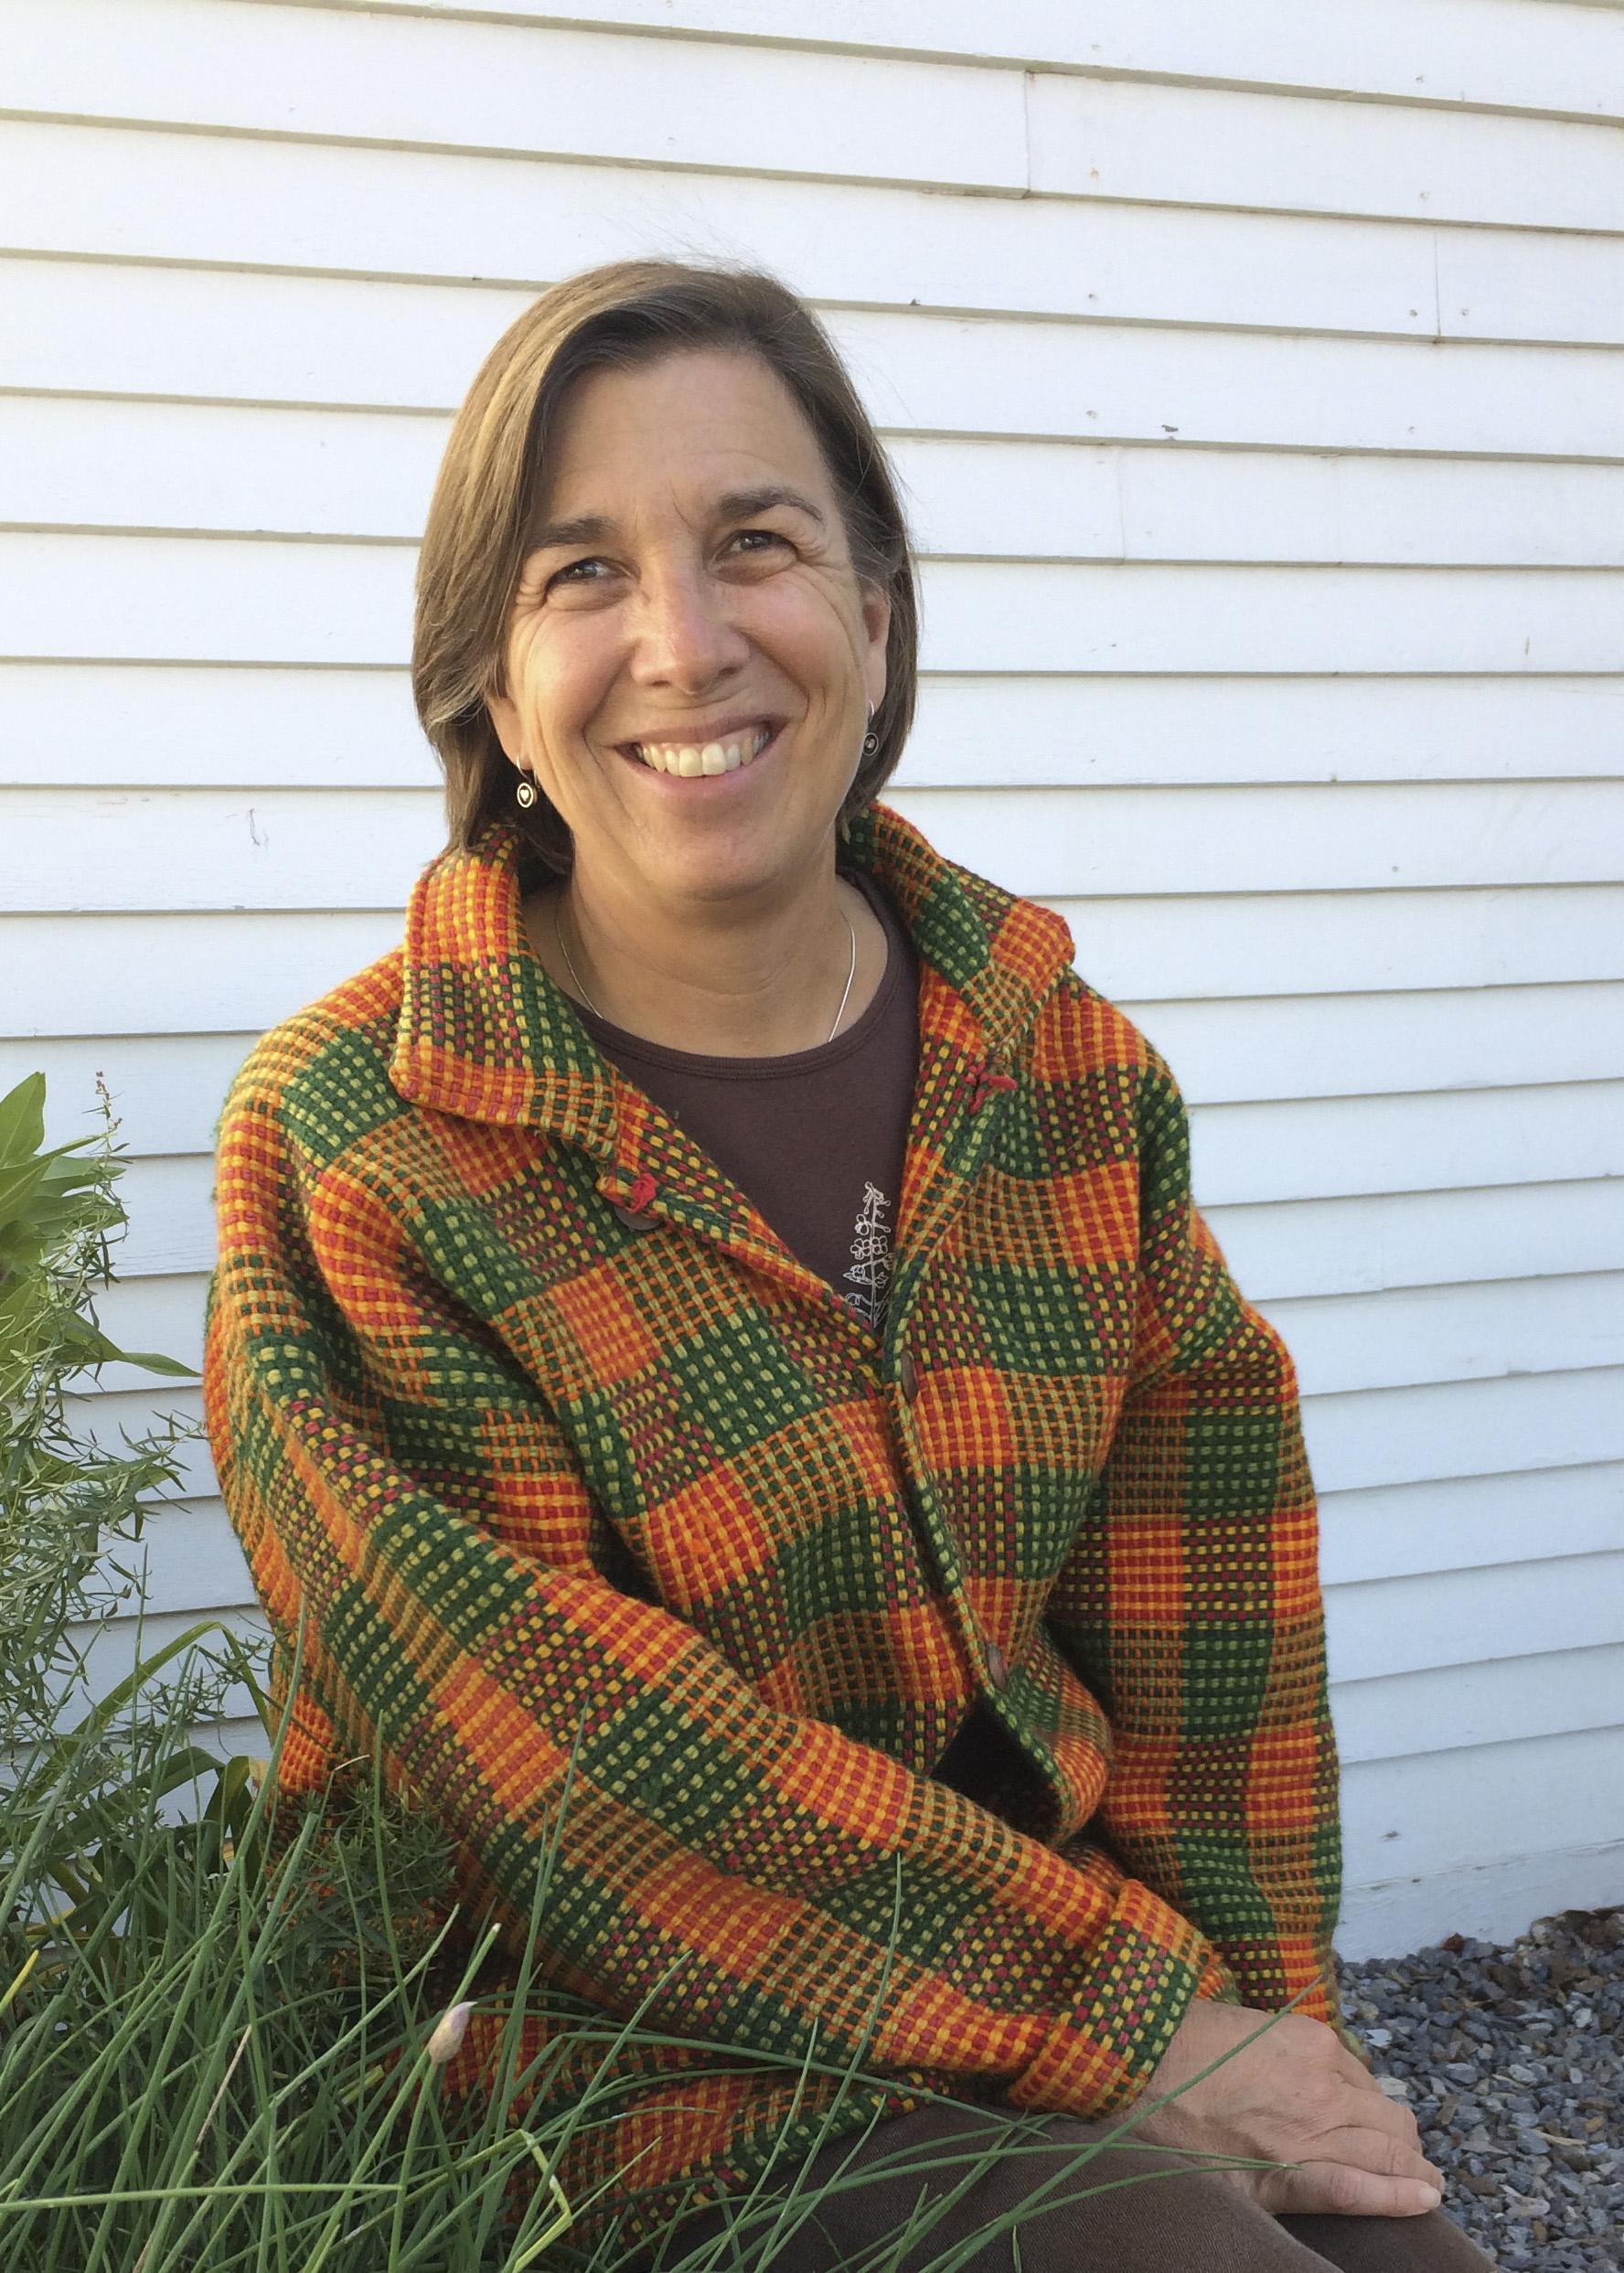 Shelley Goguen Hulbert